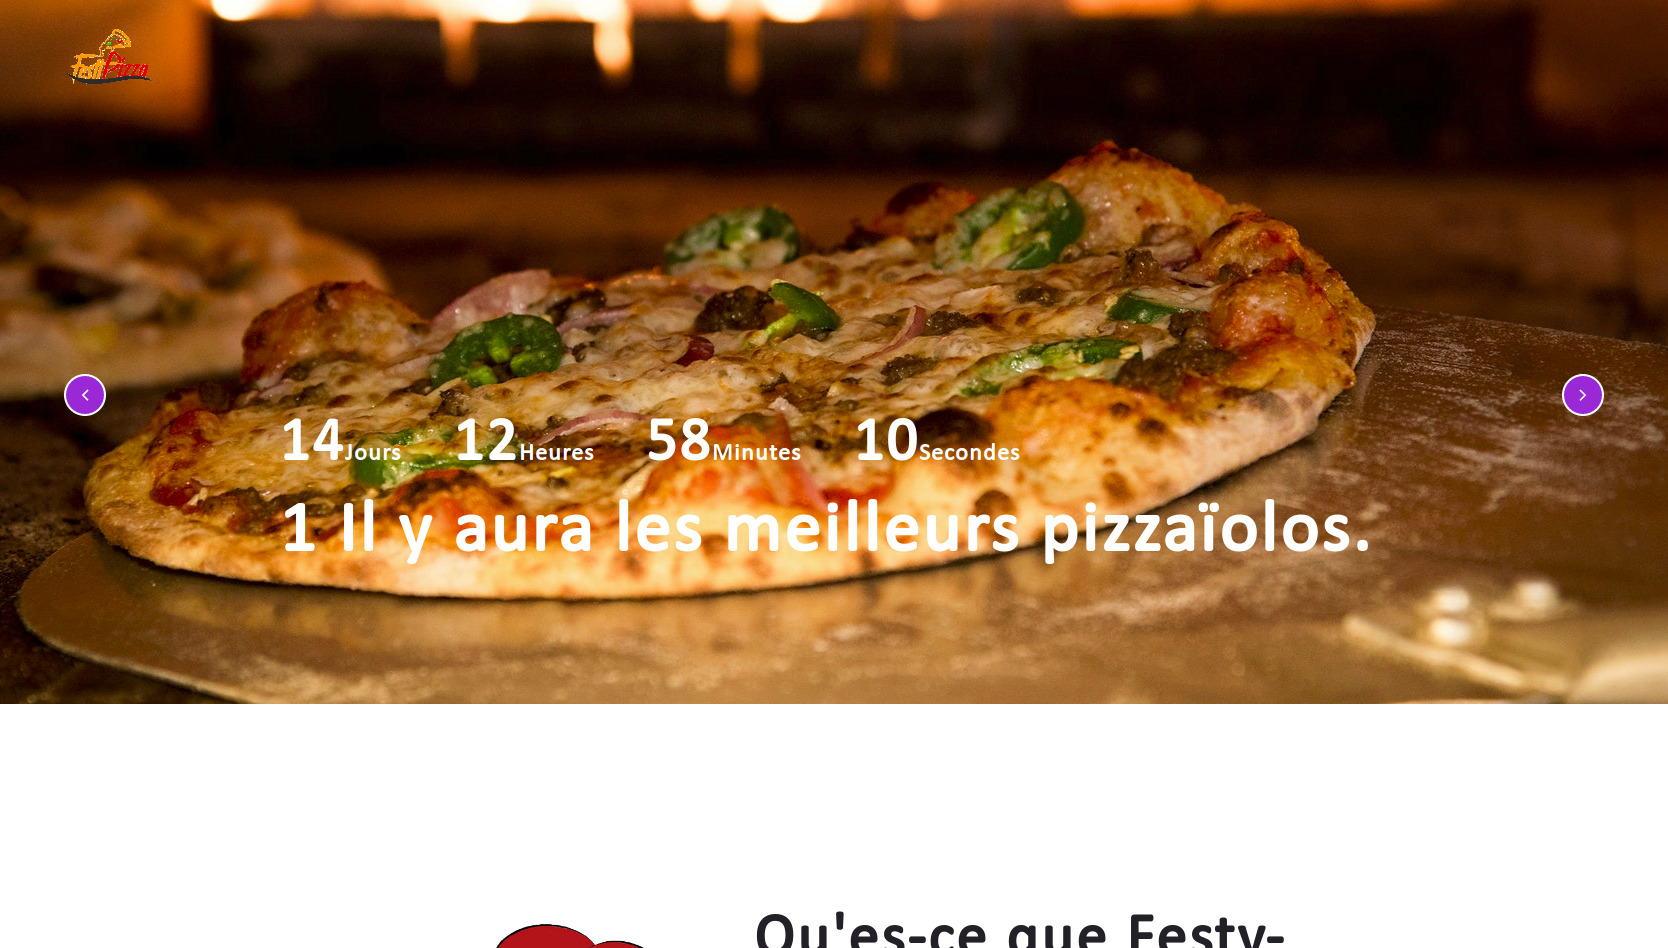 Festi-Pizza's website